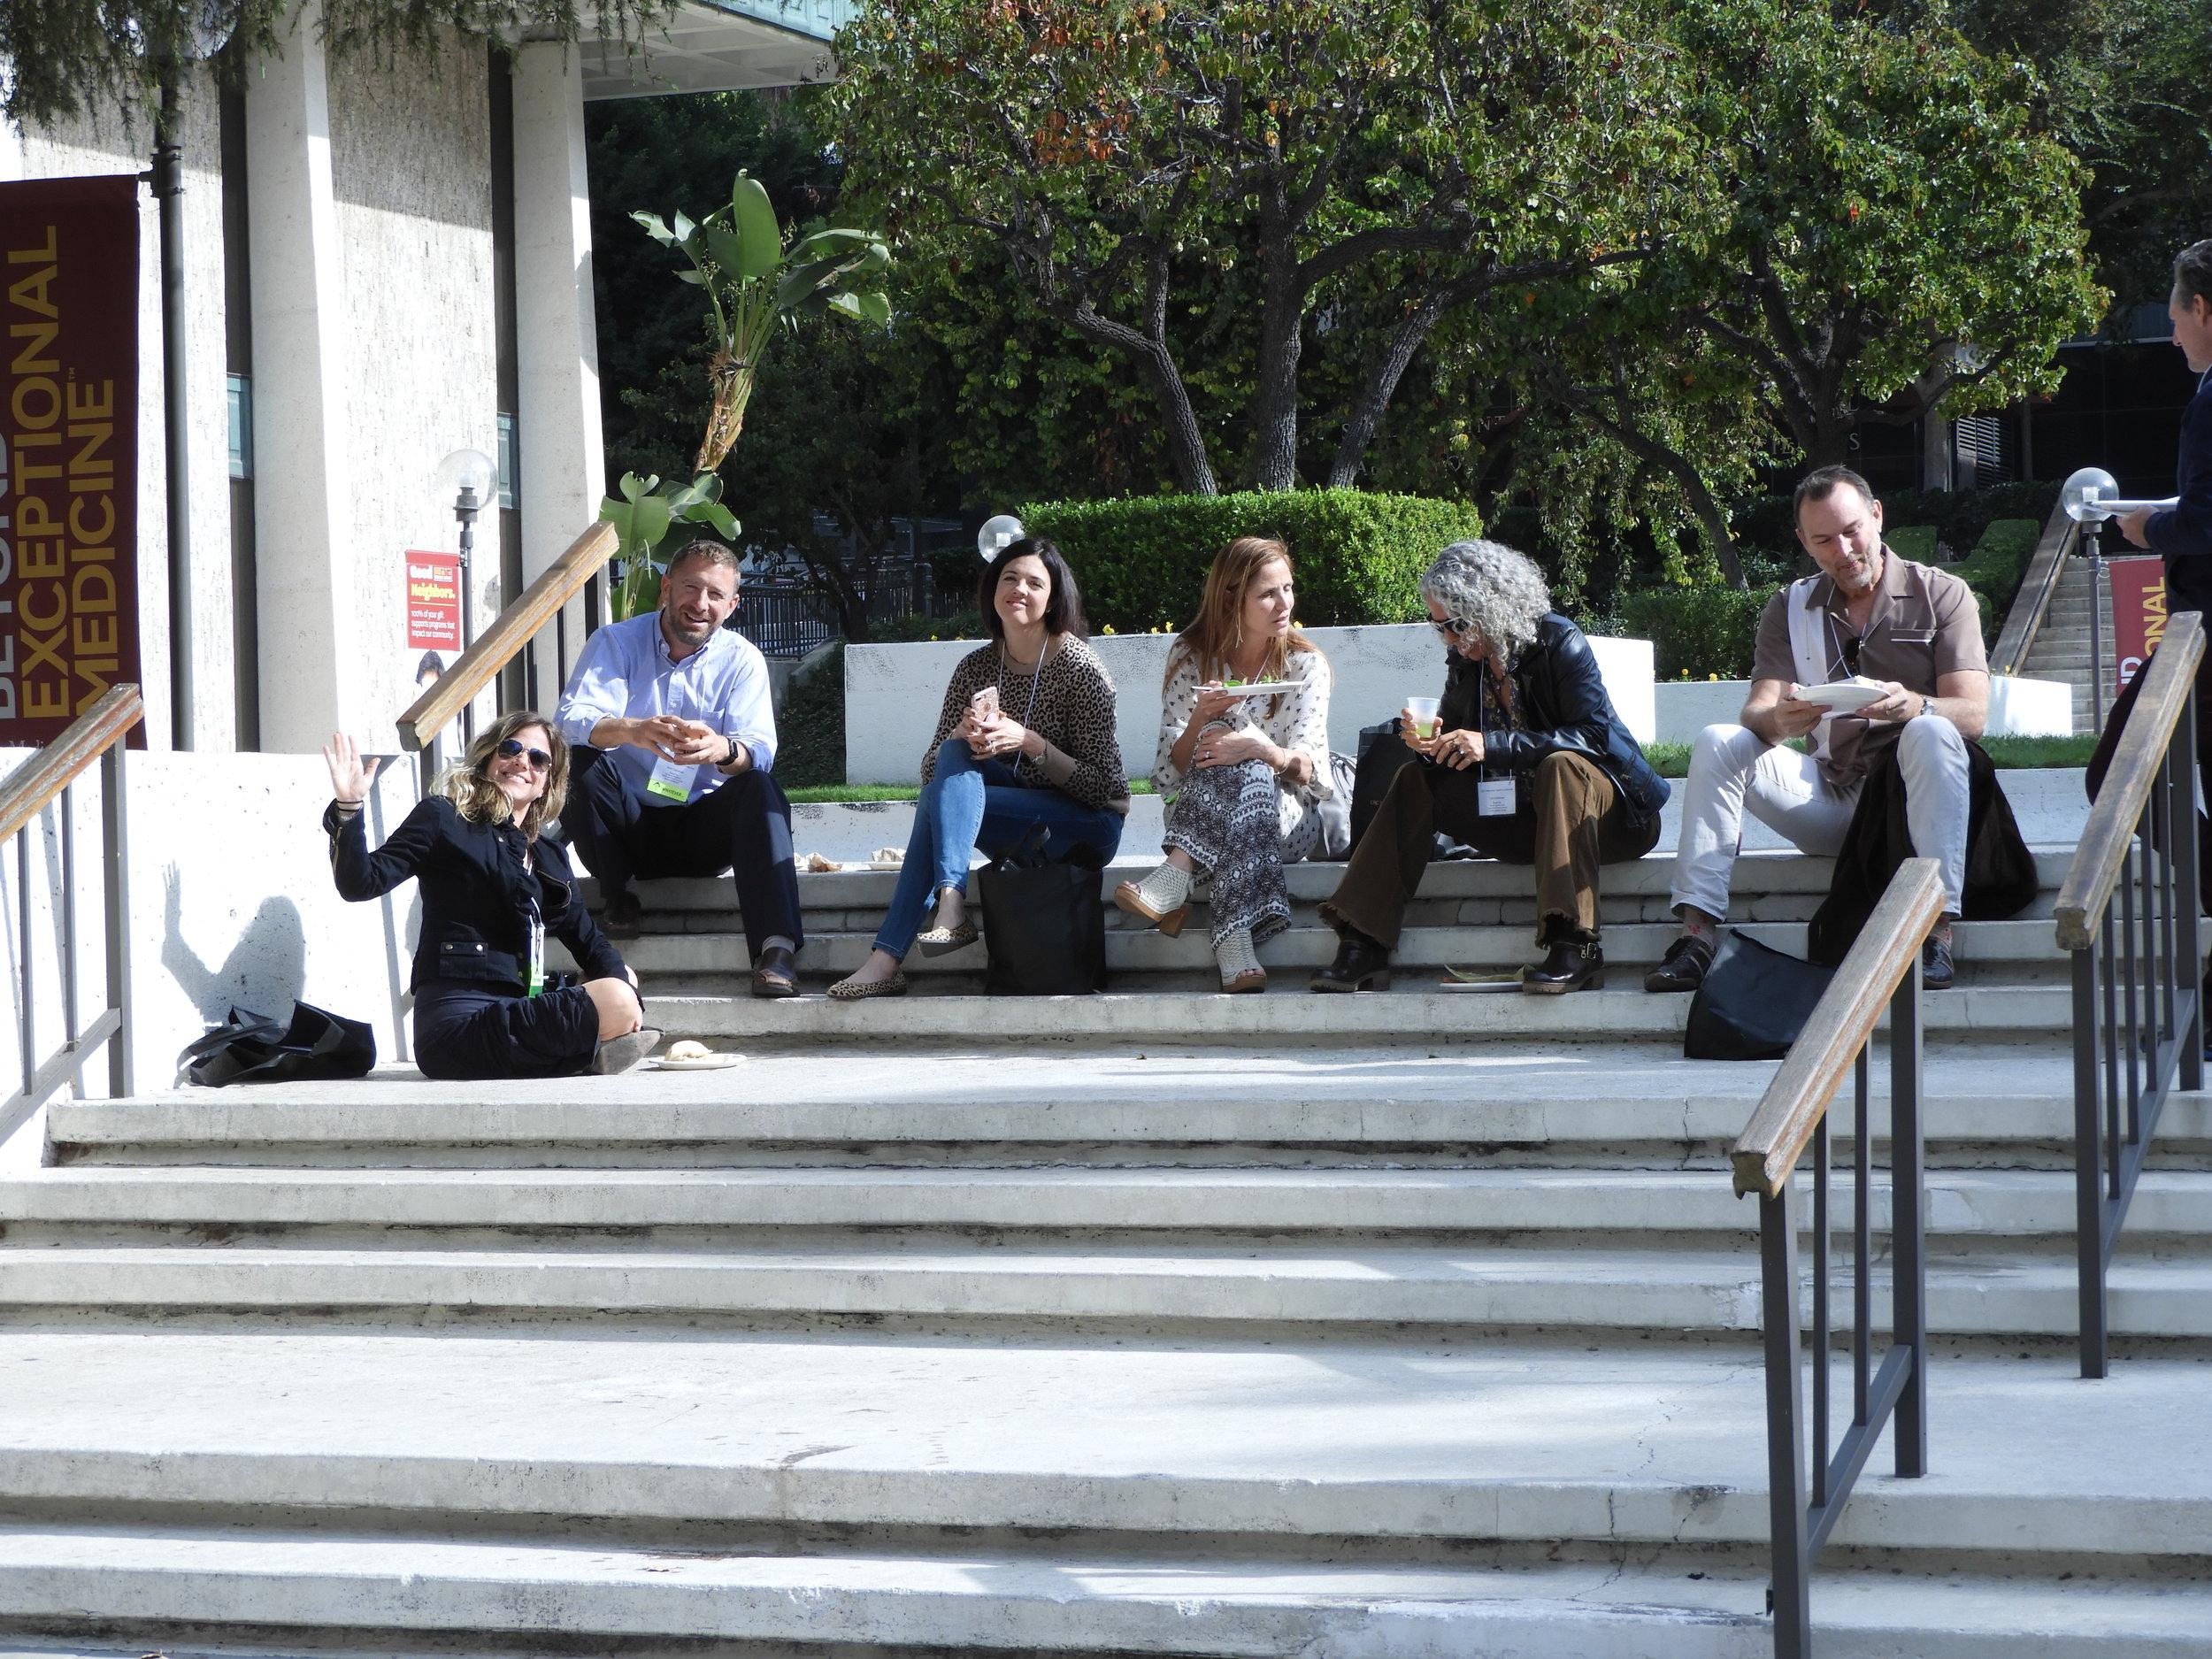 Break time outside in beautiful LA